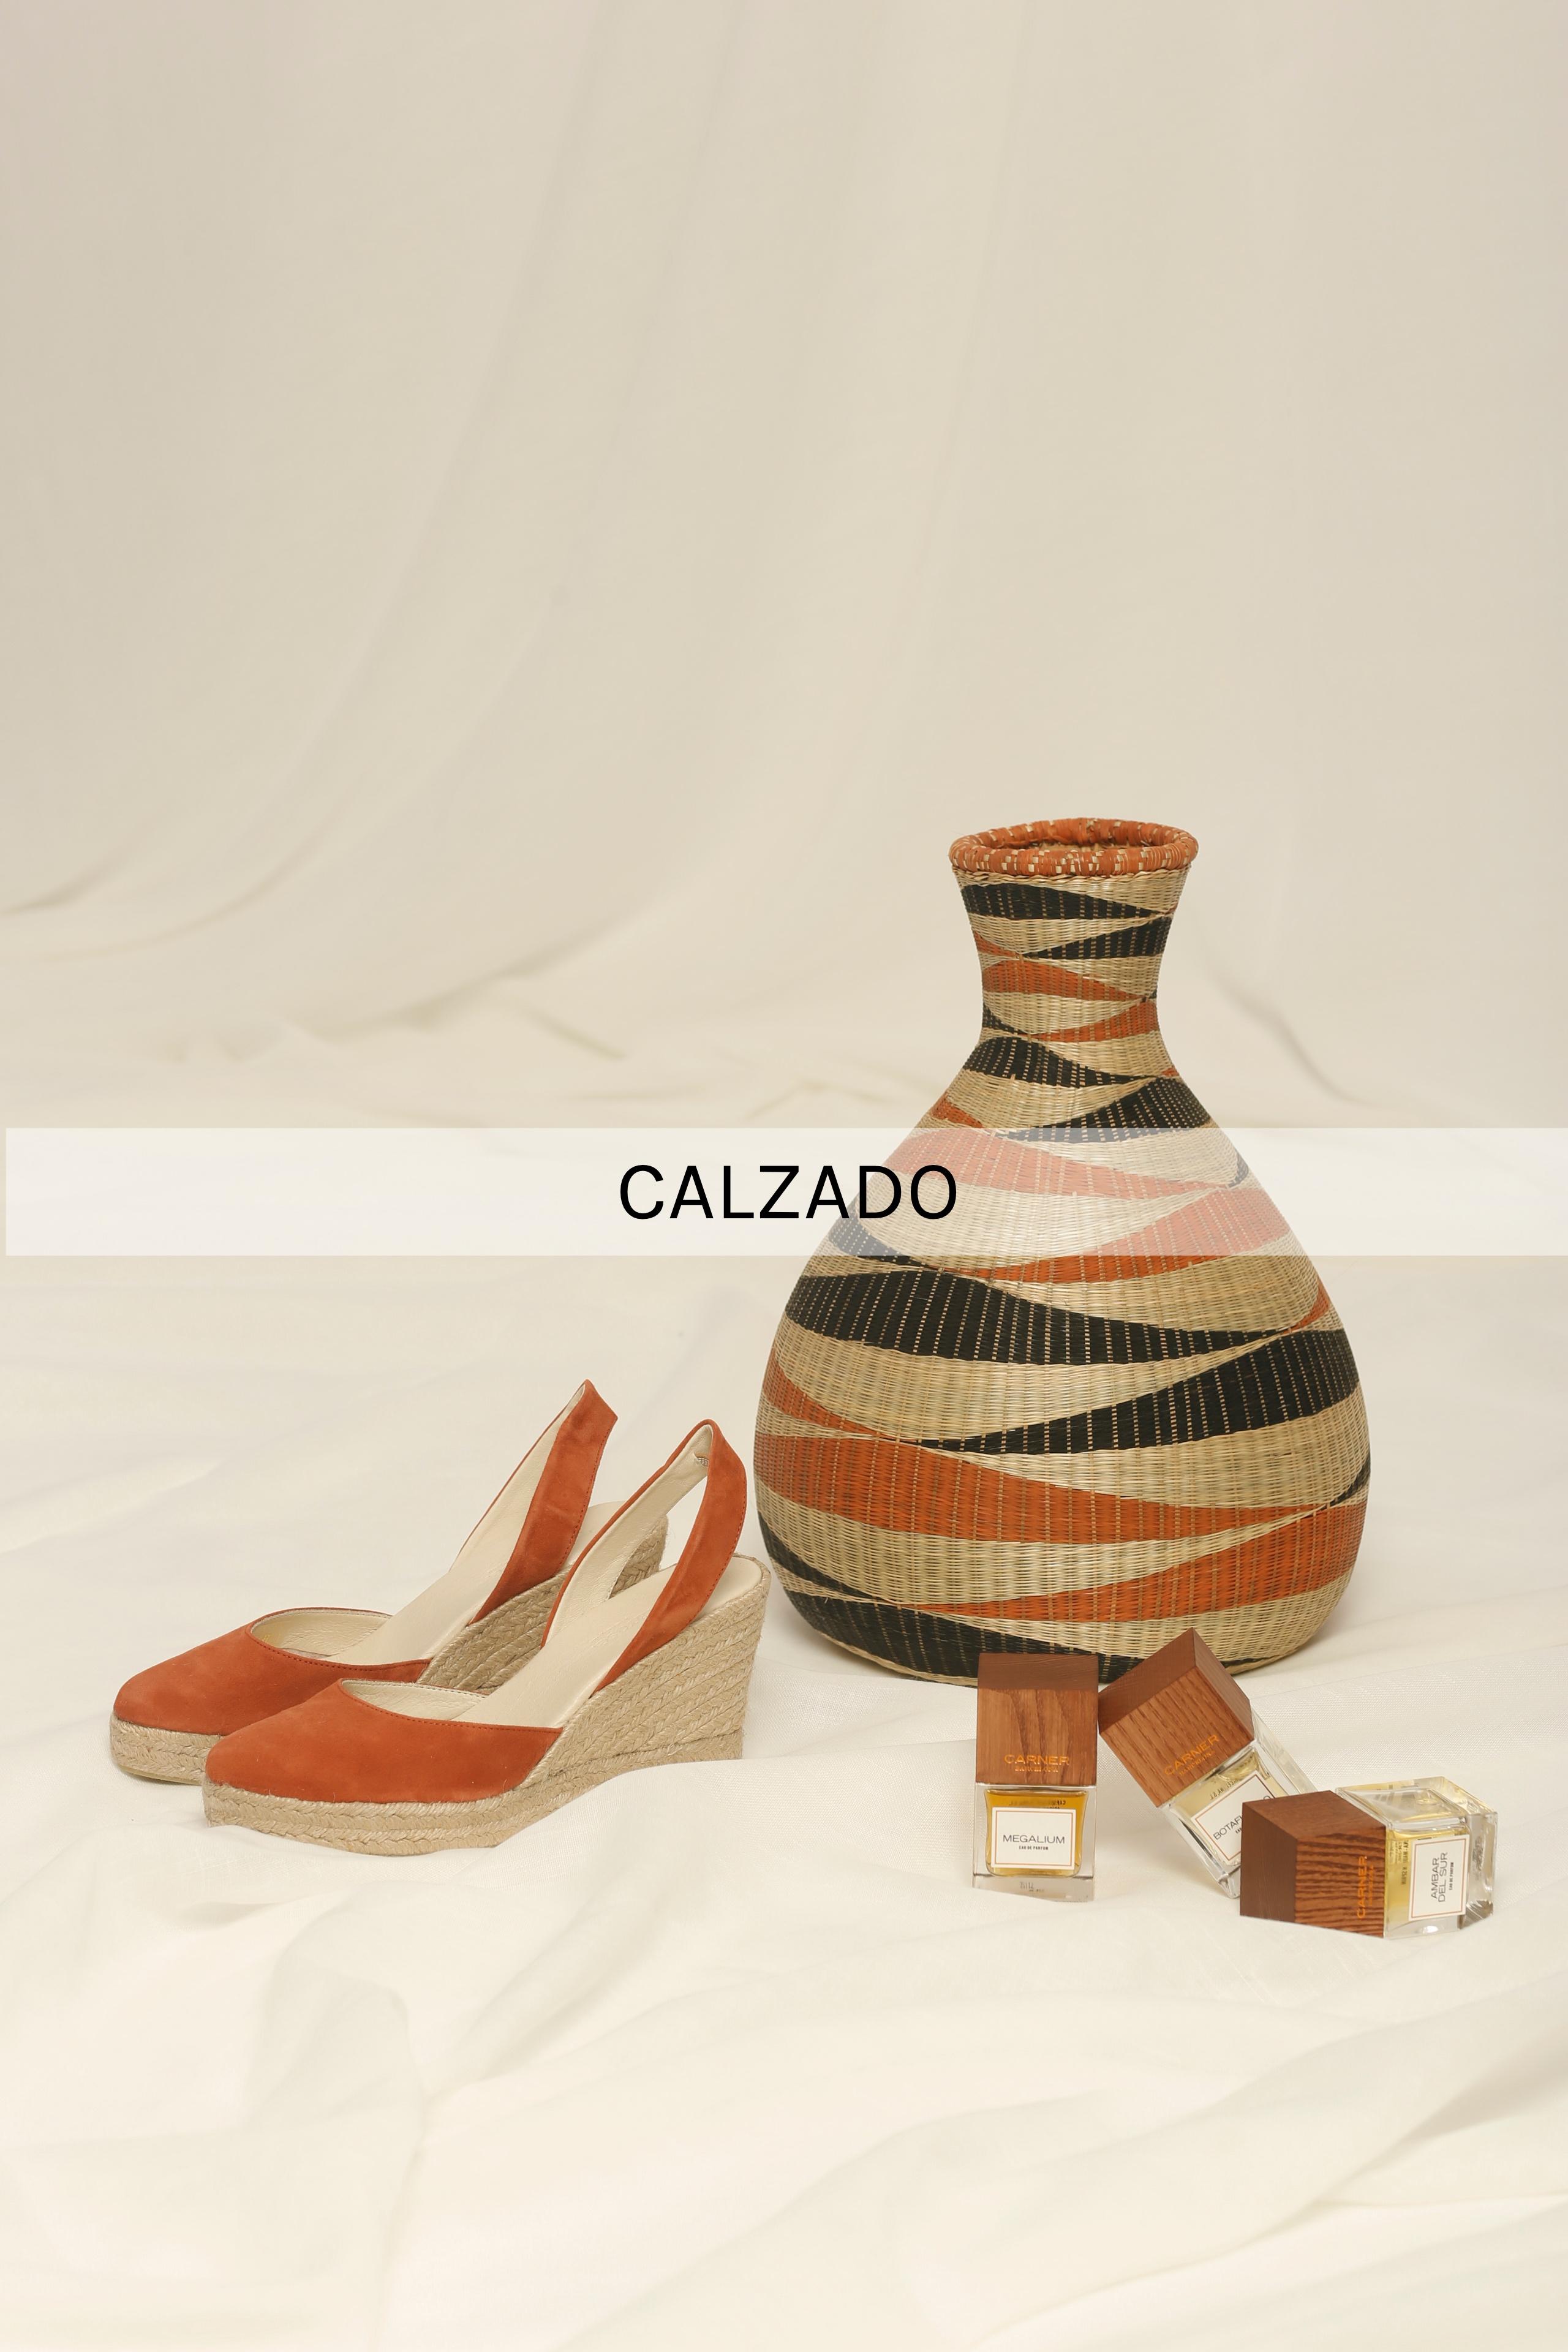 Calzado moda mediterránea